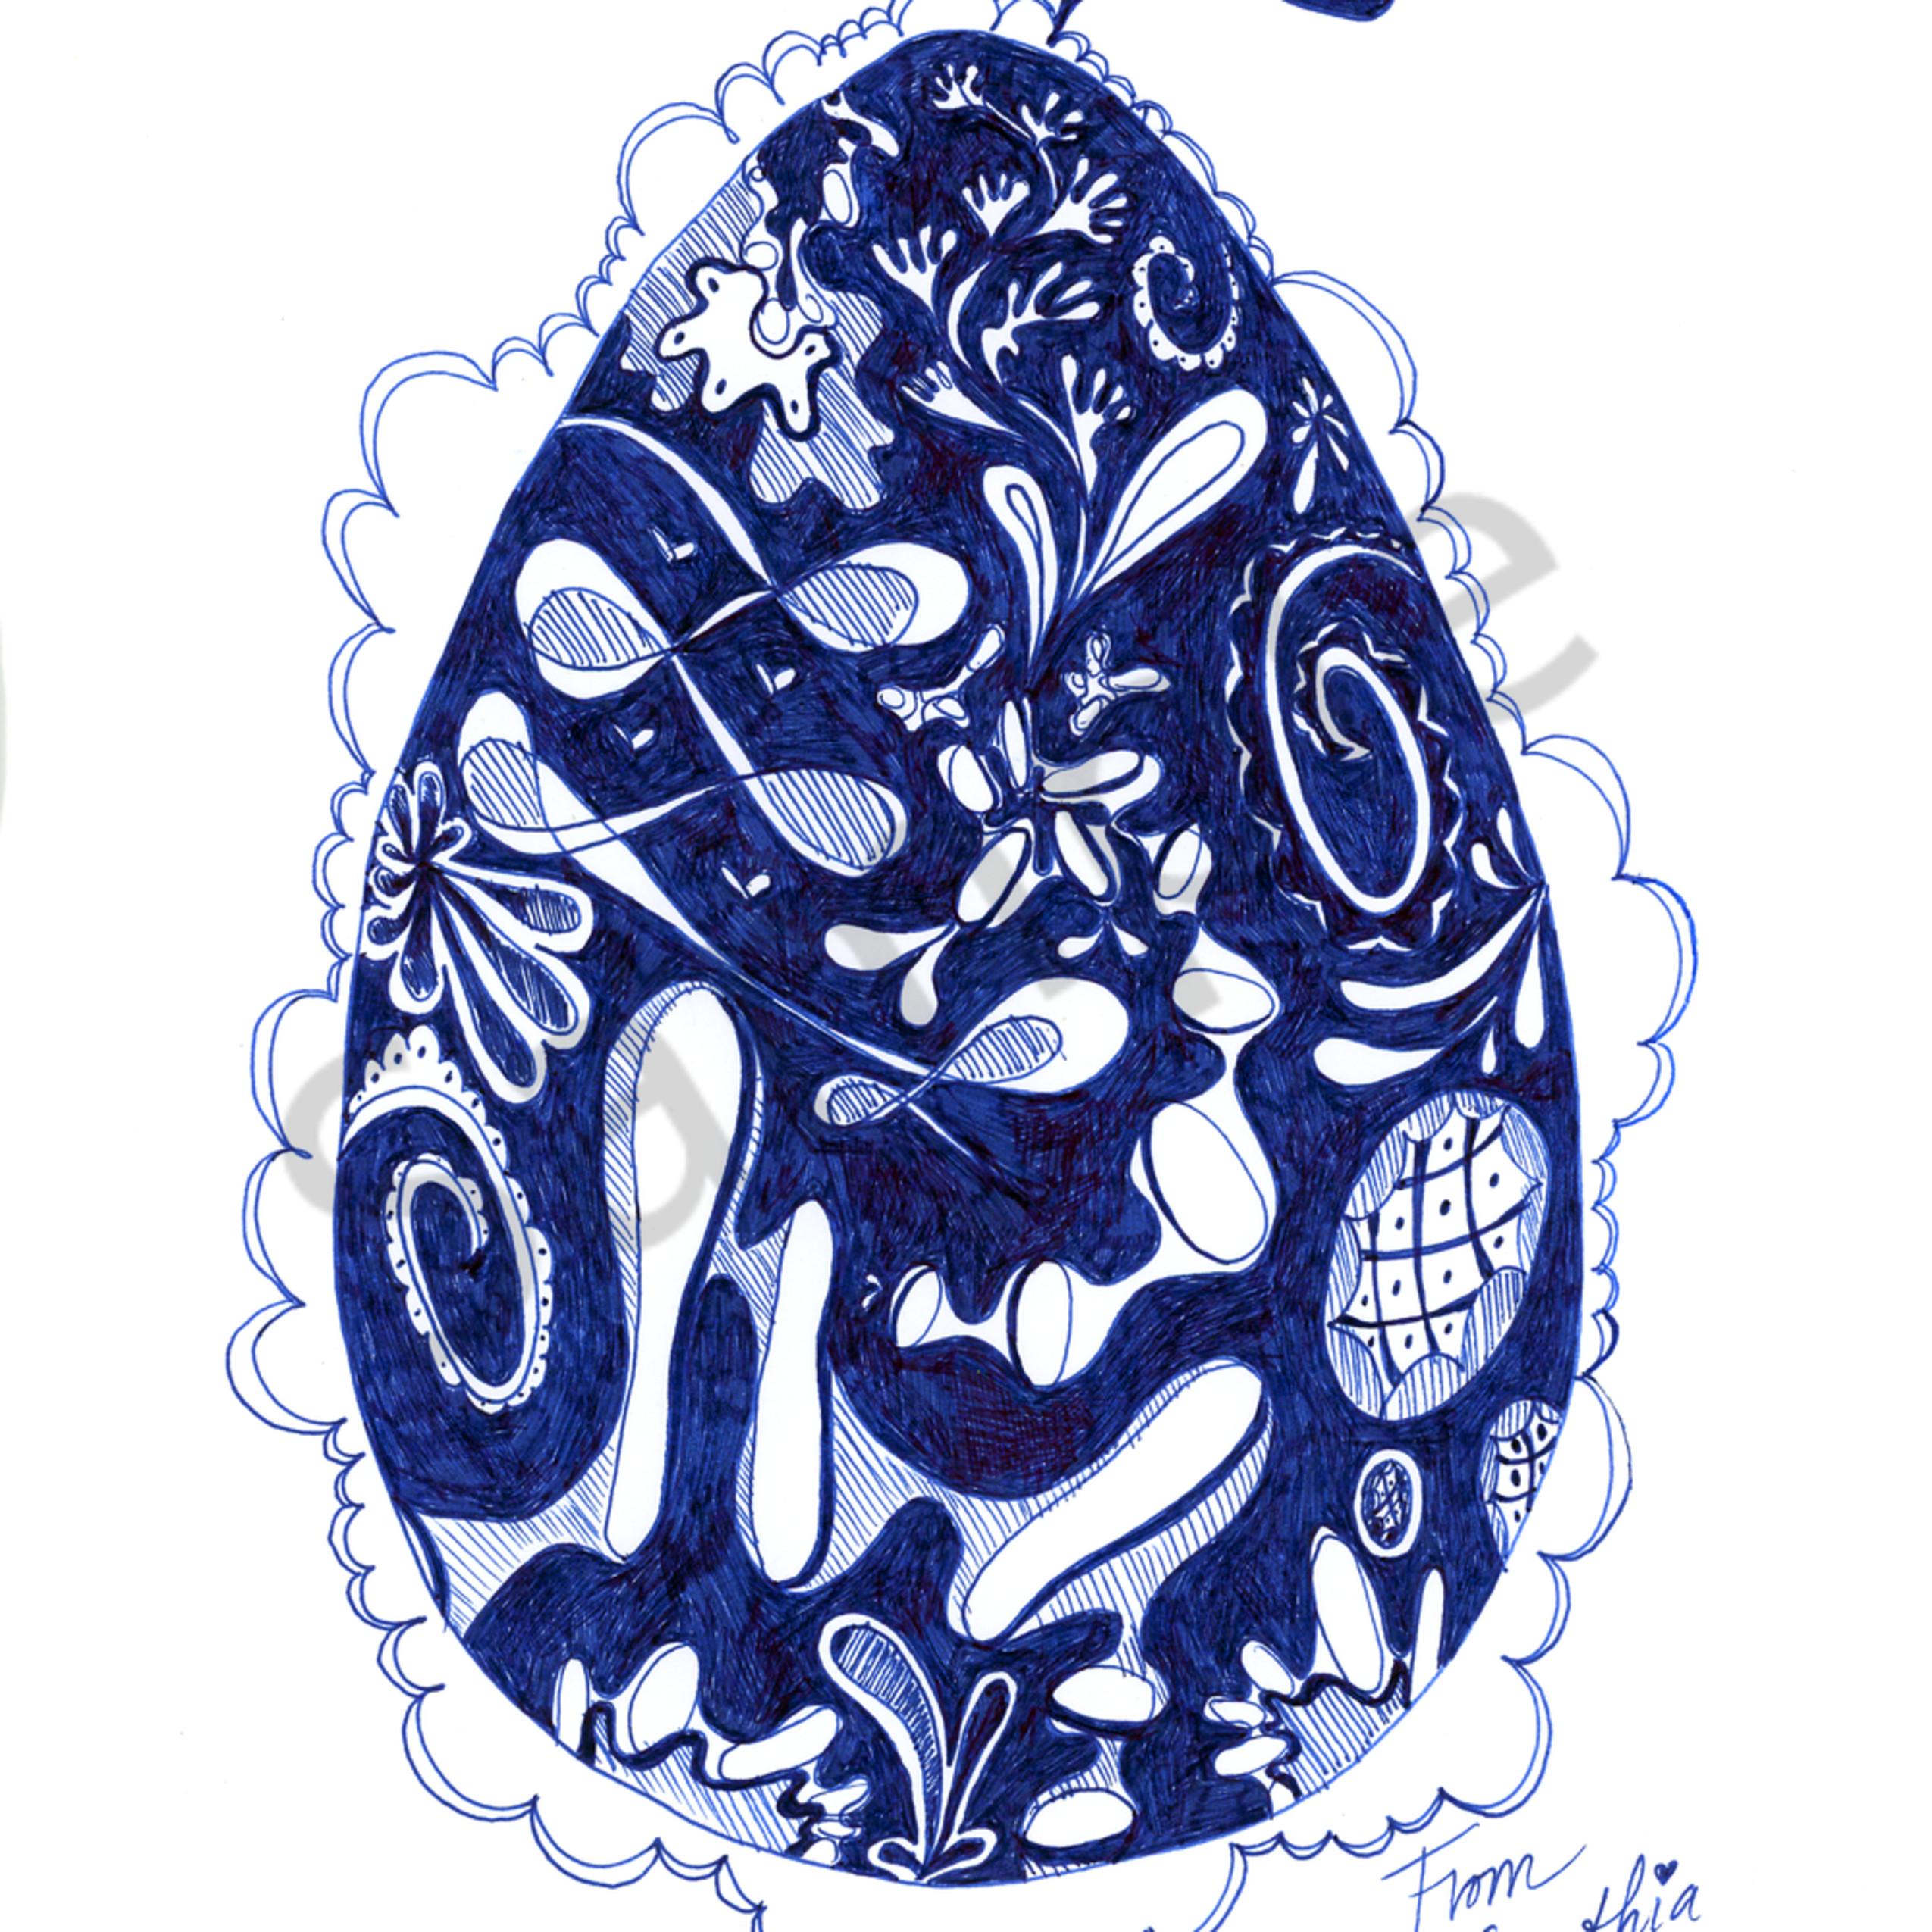 Egg march 2020 mwqlcy